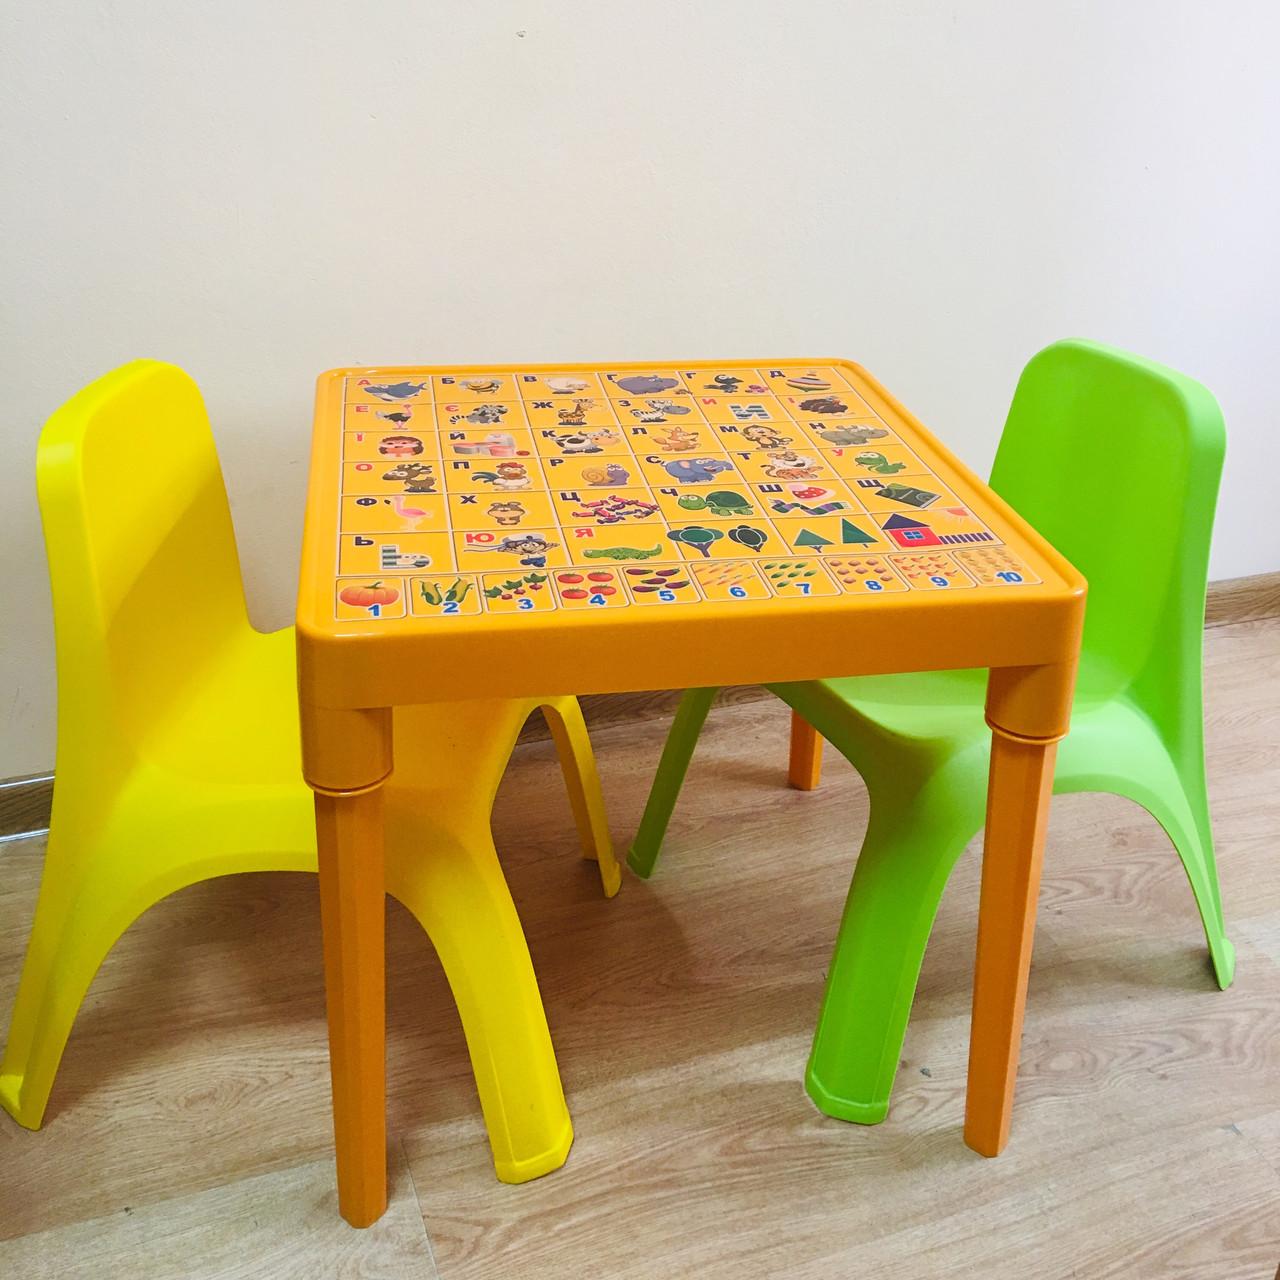 """Набор детской пластиковой мебели """"Абетка"""" стол и 2 стула. (ОРАНЖЕВЫЙ СТОЛ) Украина"""